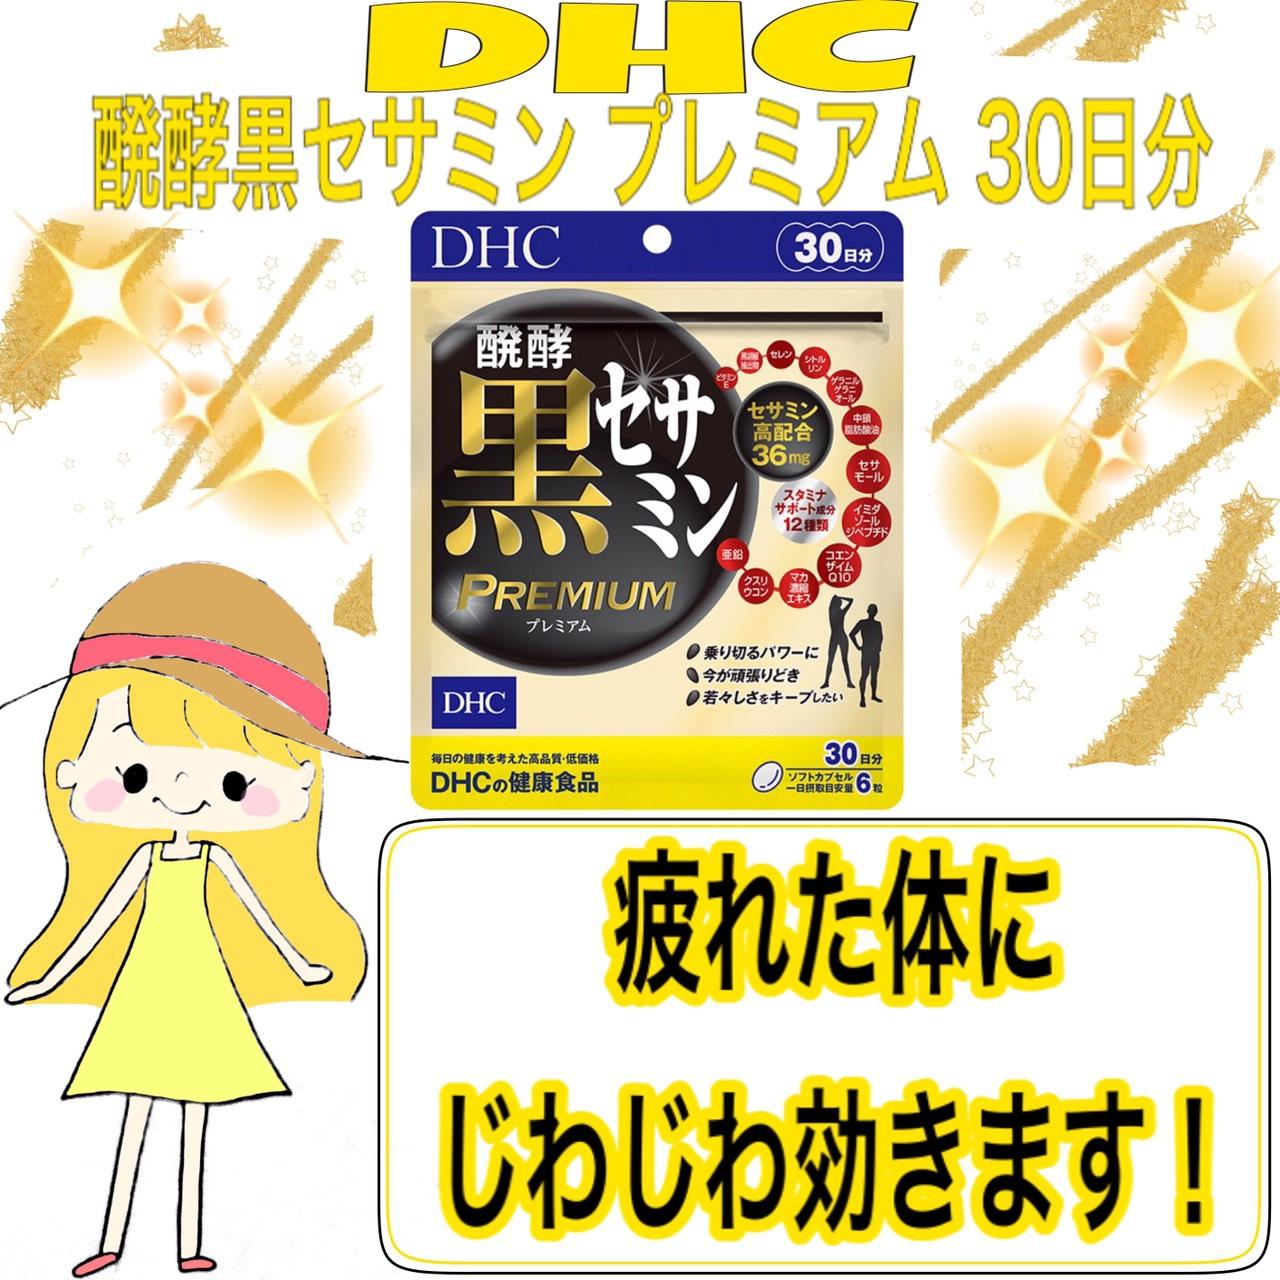 DHC(ディーエイチシー) 醗酵黒セサミン プレミアムの良い点・メリットに関するネザーランドドワーフさんの口コミ画像1